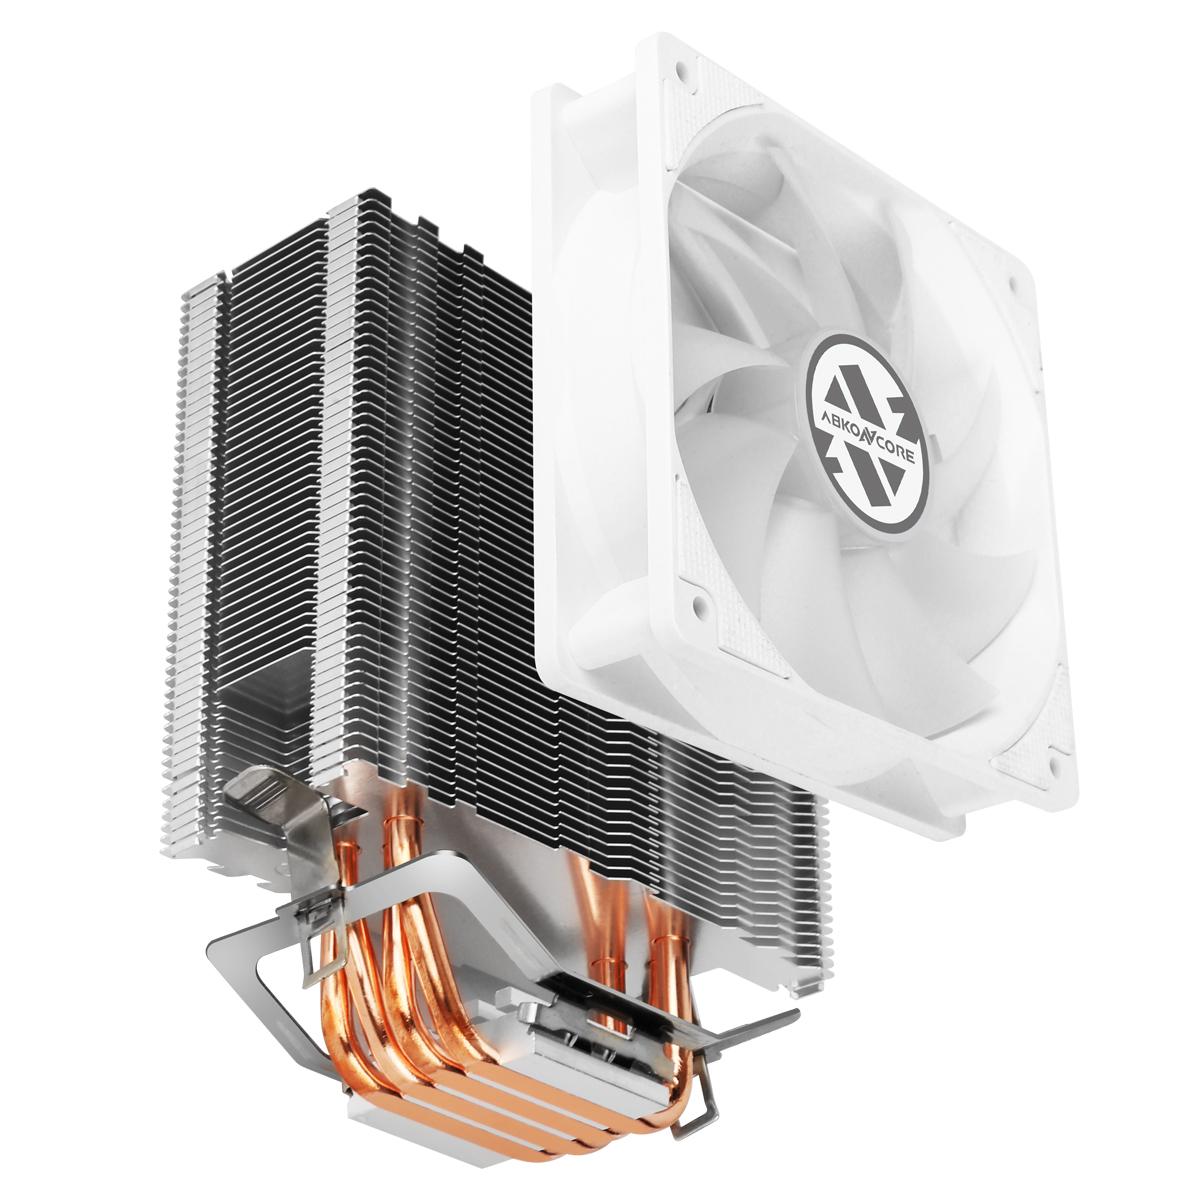 CPU Cooler T405 en color blanco componentes